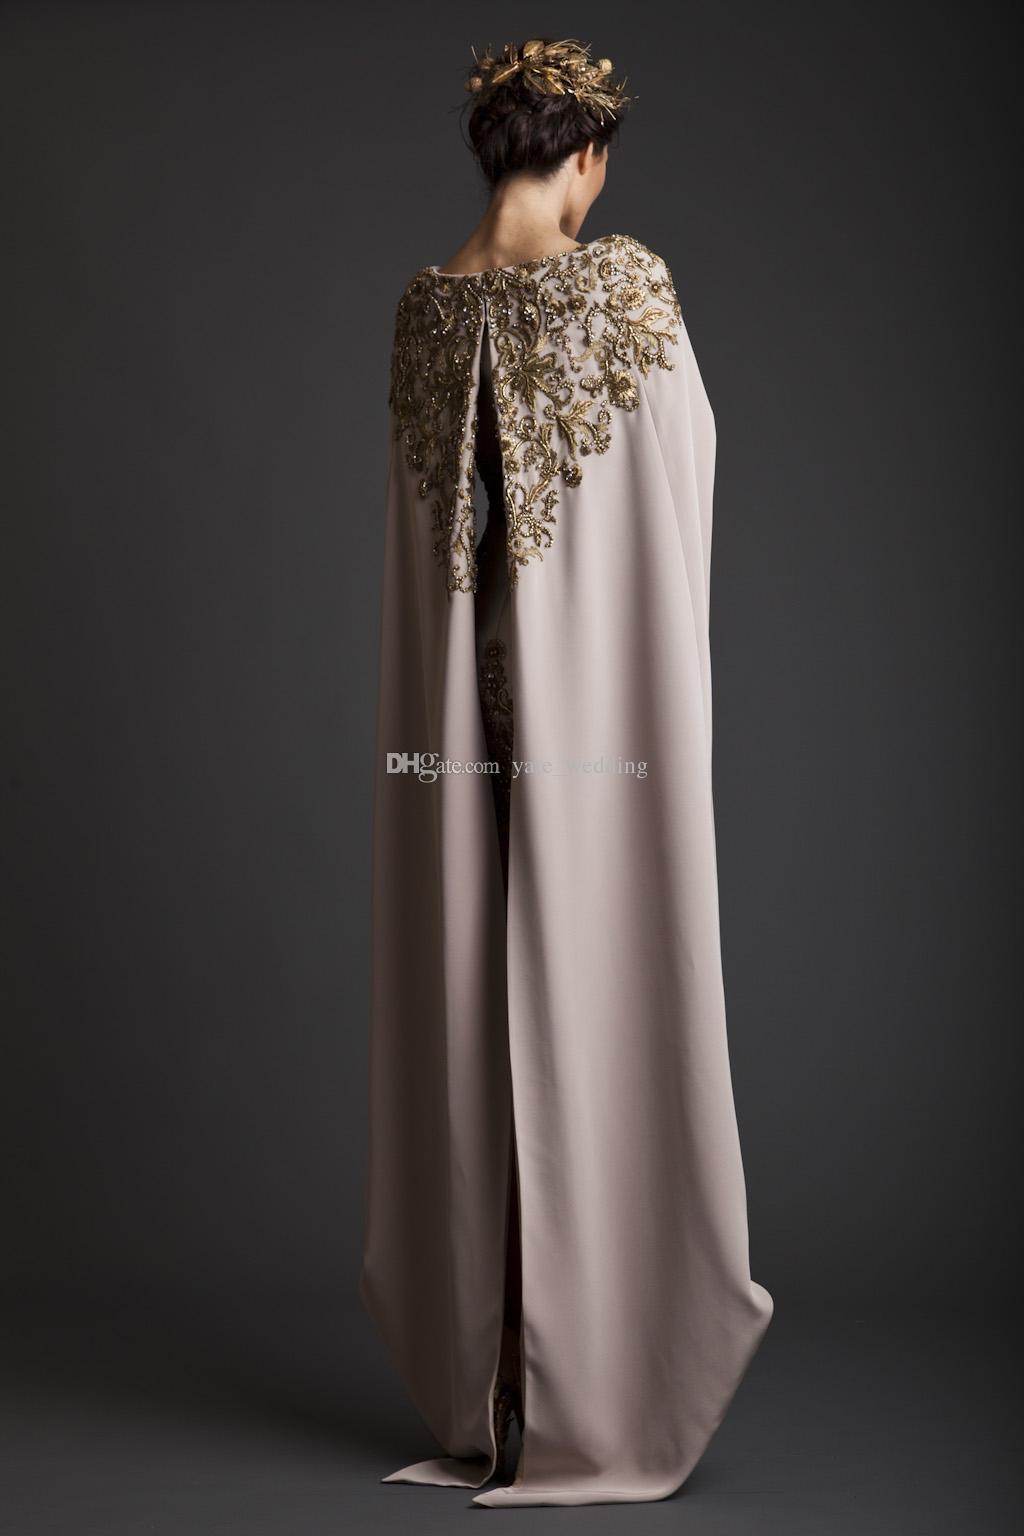 2017 Vintage Krikor Jabotian vestidos de noche vaina larga separada del cabo bordado satinado corto Champagne vestidos de baile